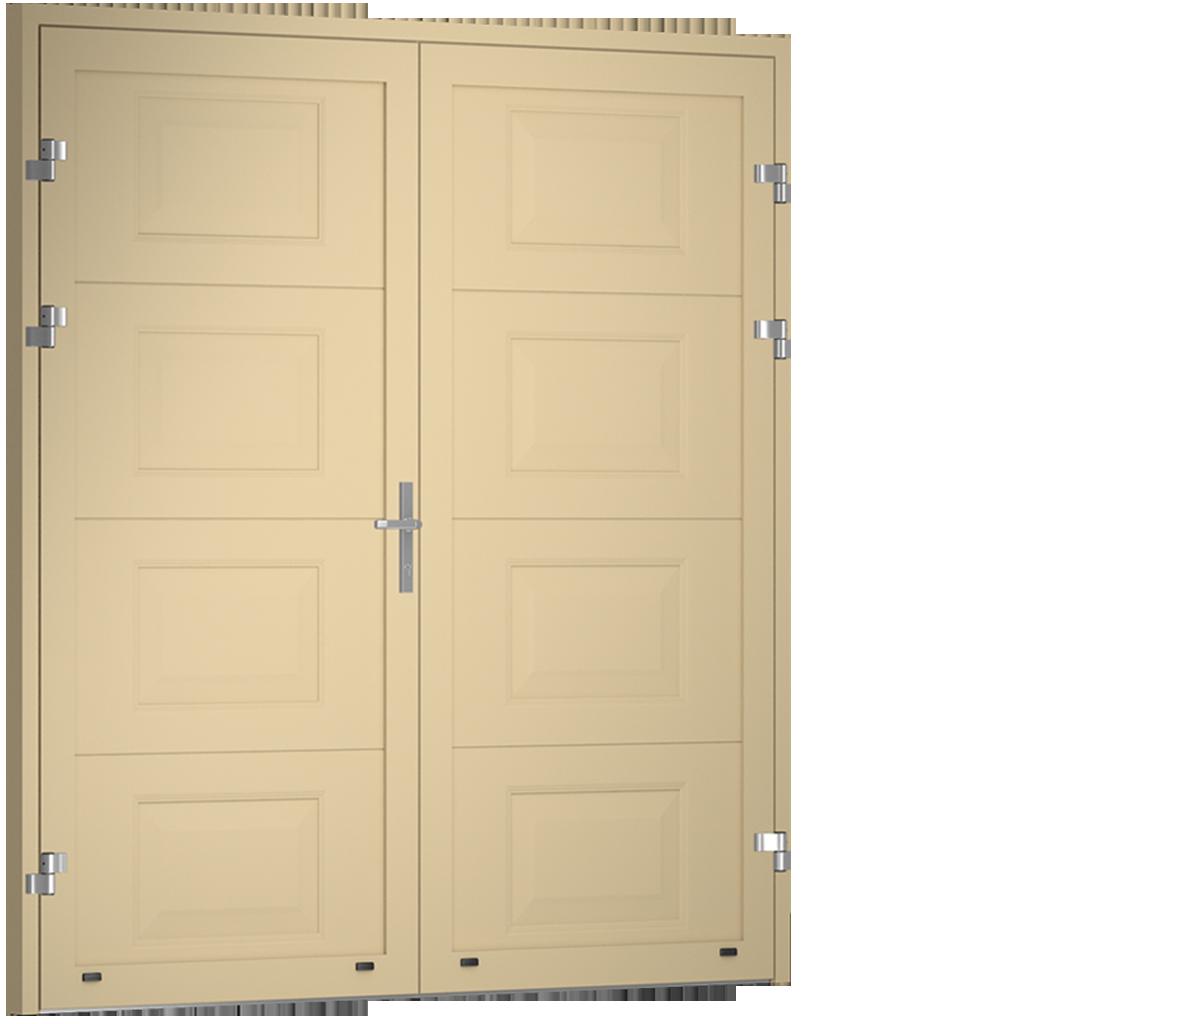 drzwi_podwójne_0004_Layer-0